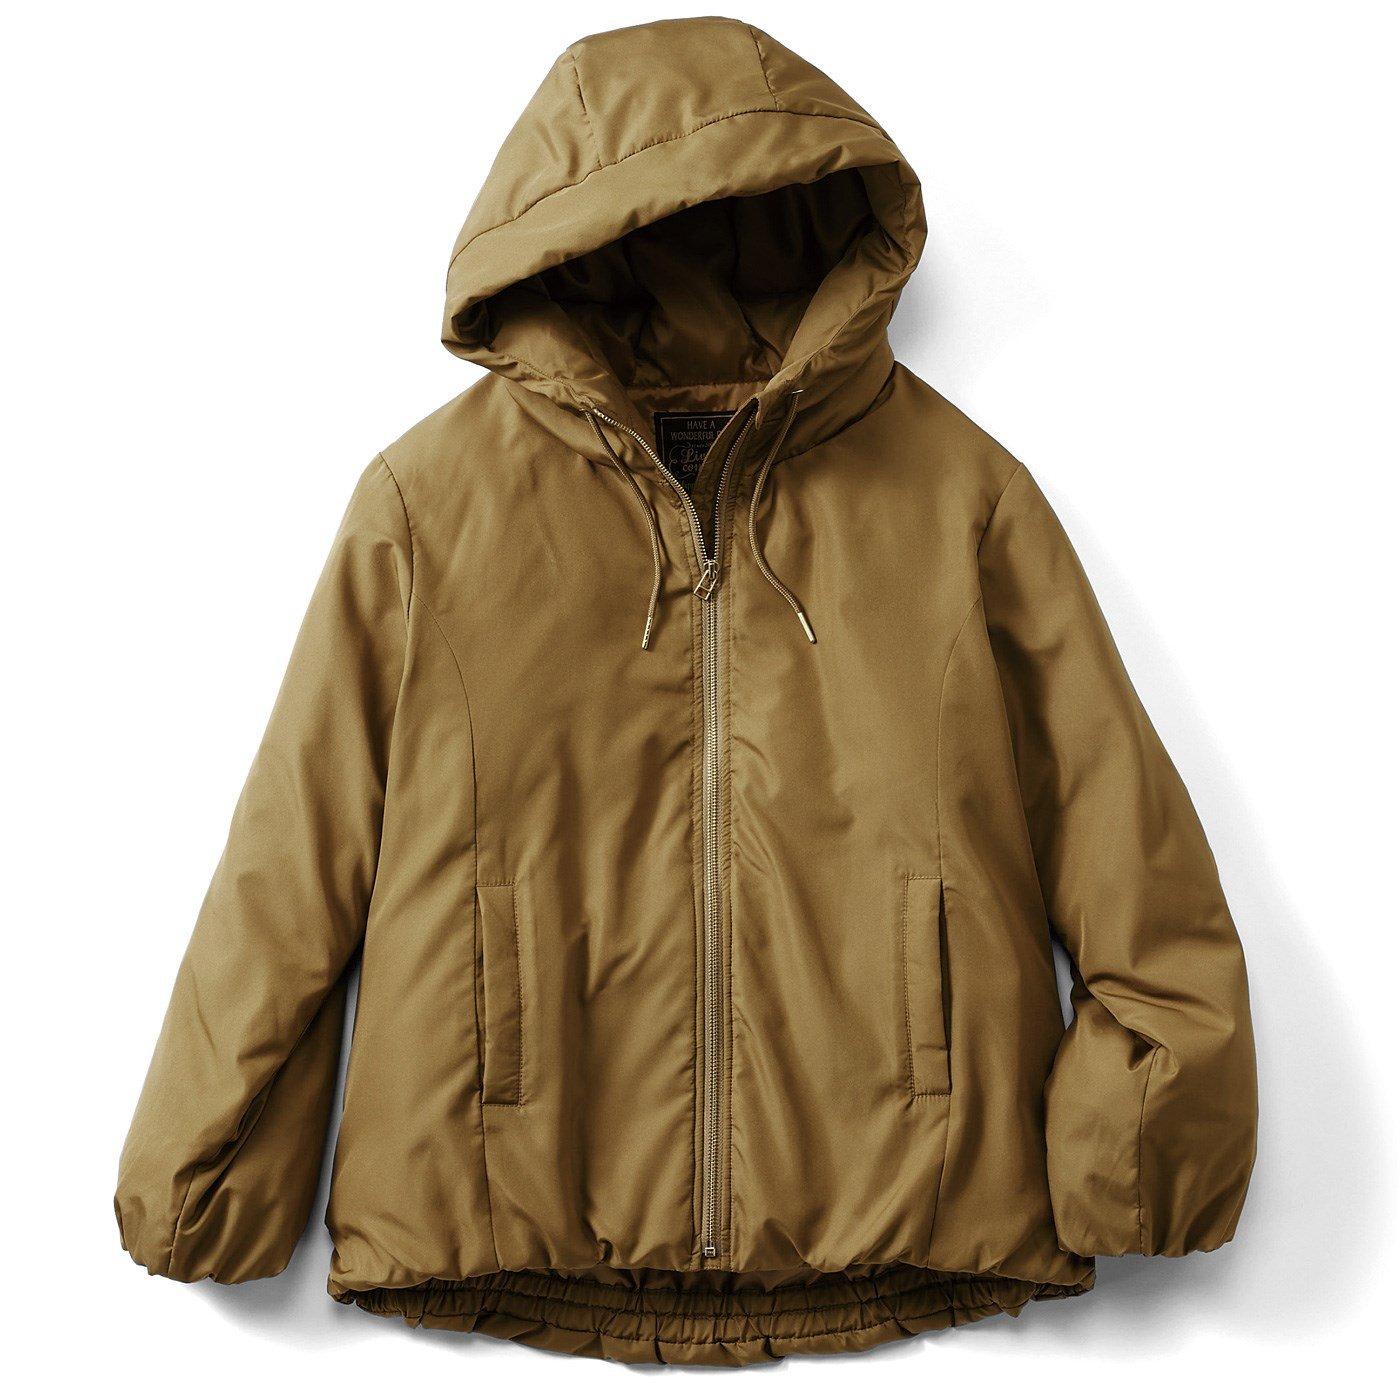 リブ イン コンフォート 気軽にはおれてしっかり暖か ショート丈フーディーダウンコート〈カーキ〉